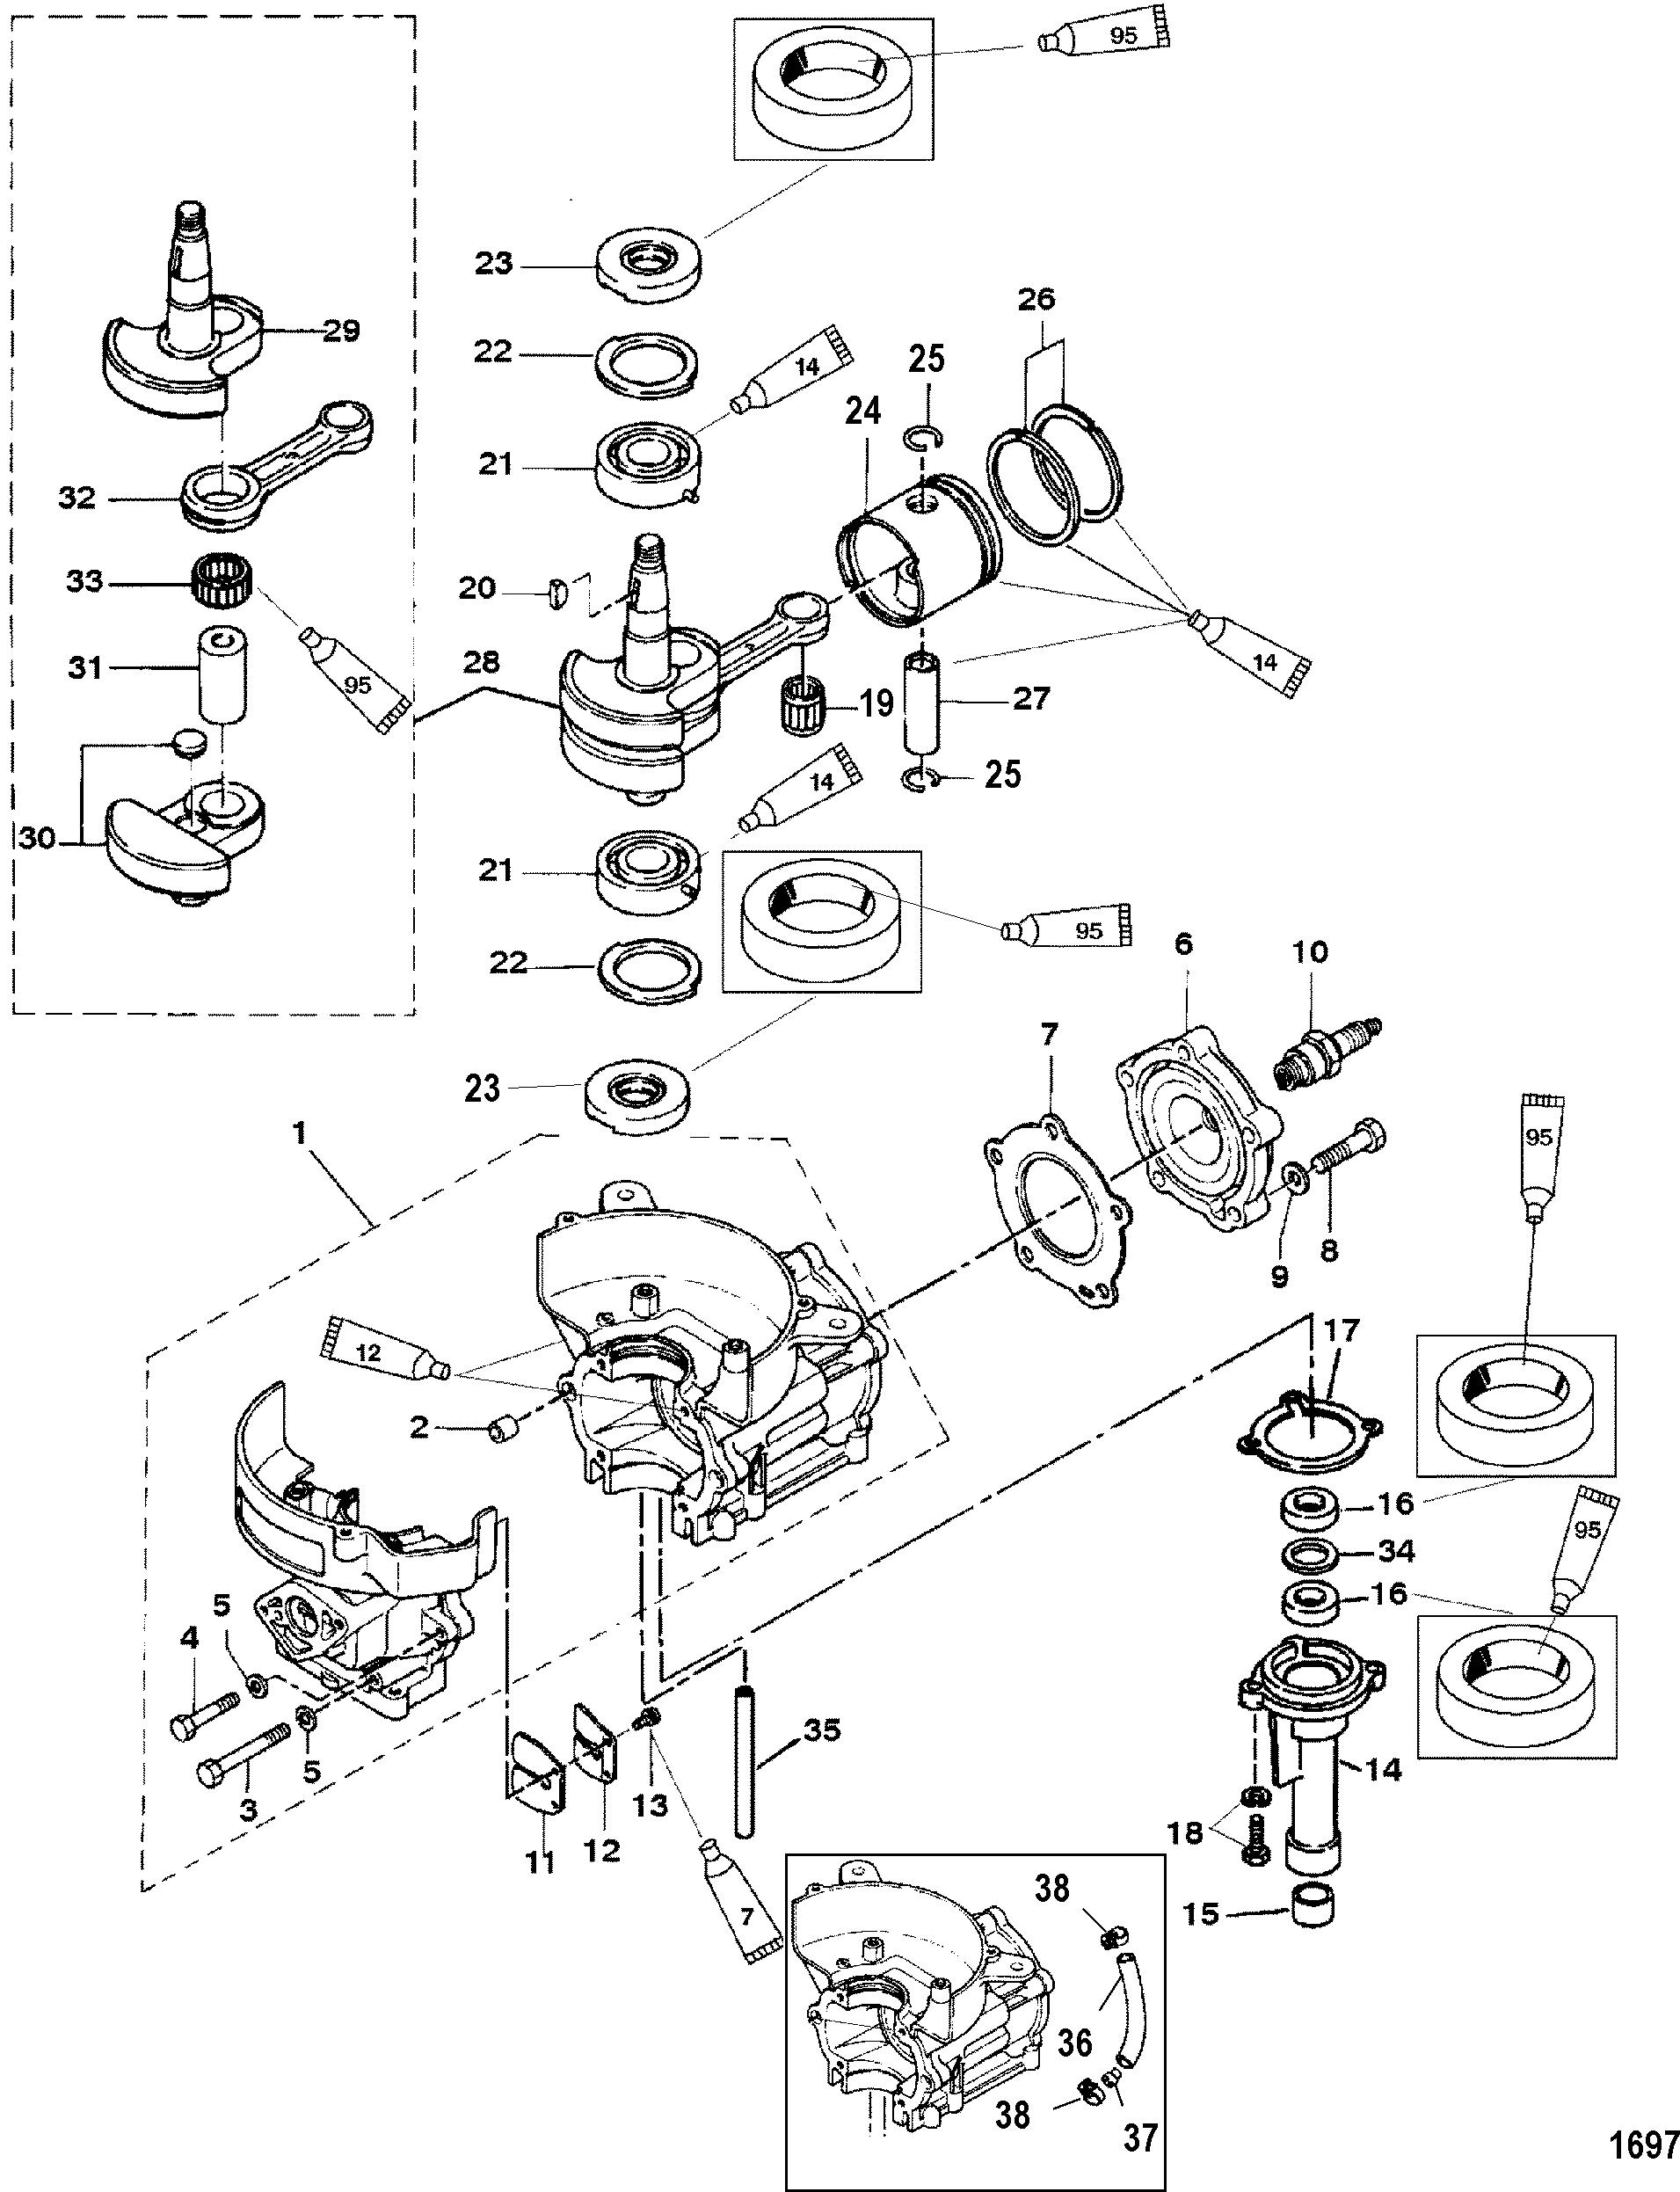 60 hp mercury outboard 2 stroke manual